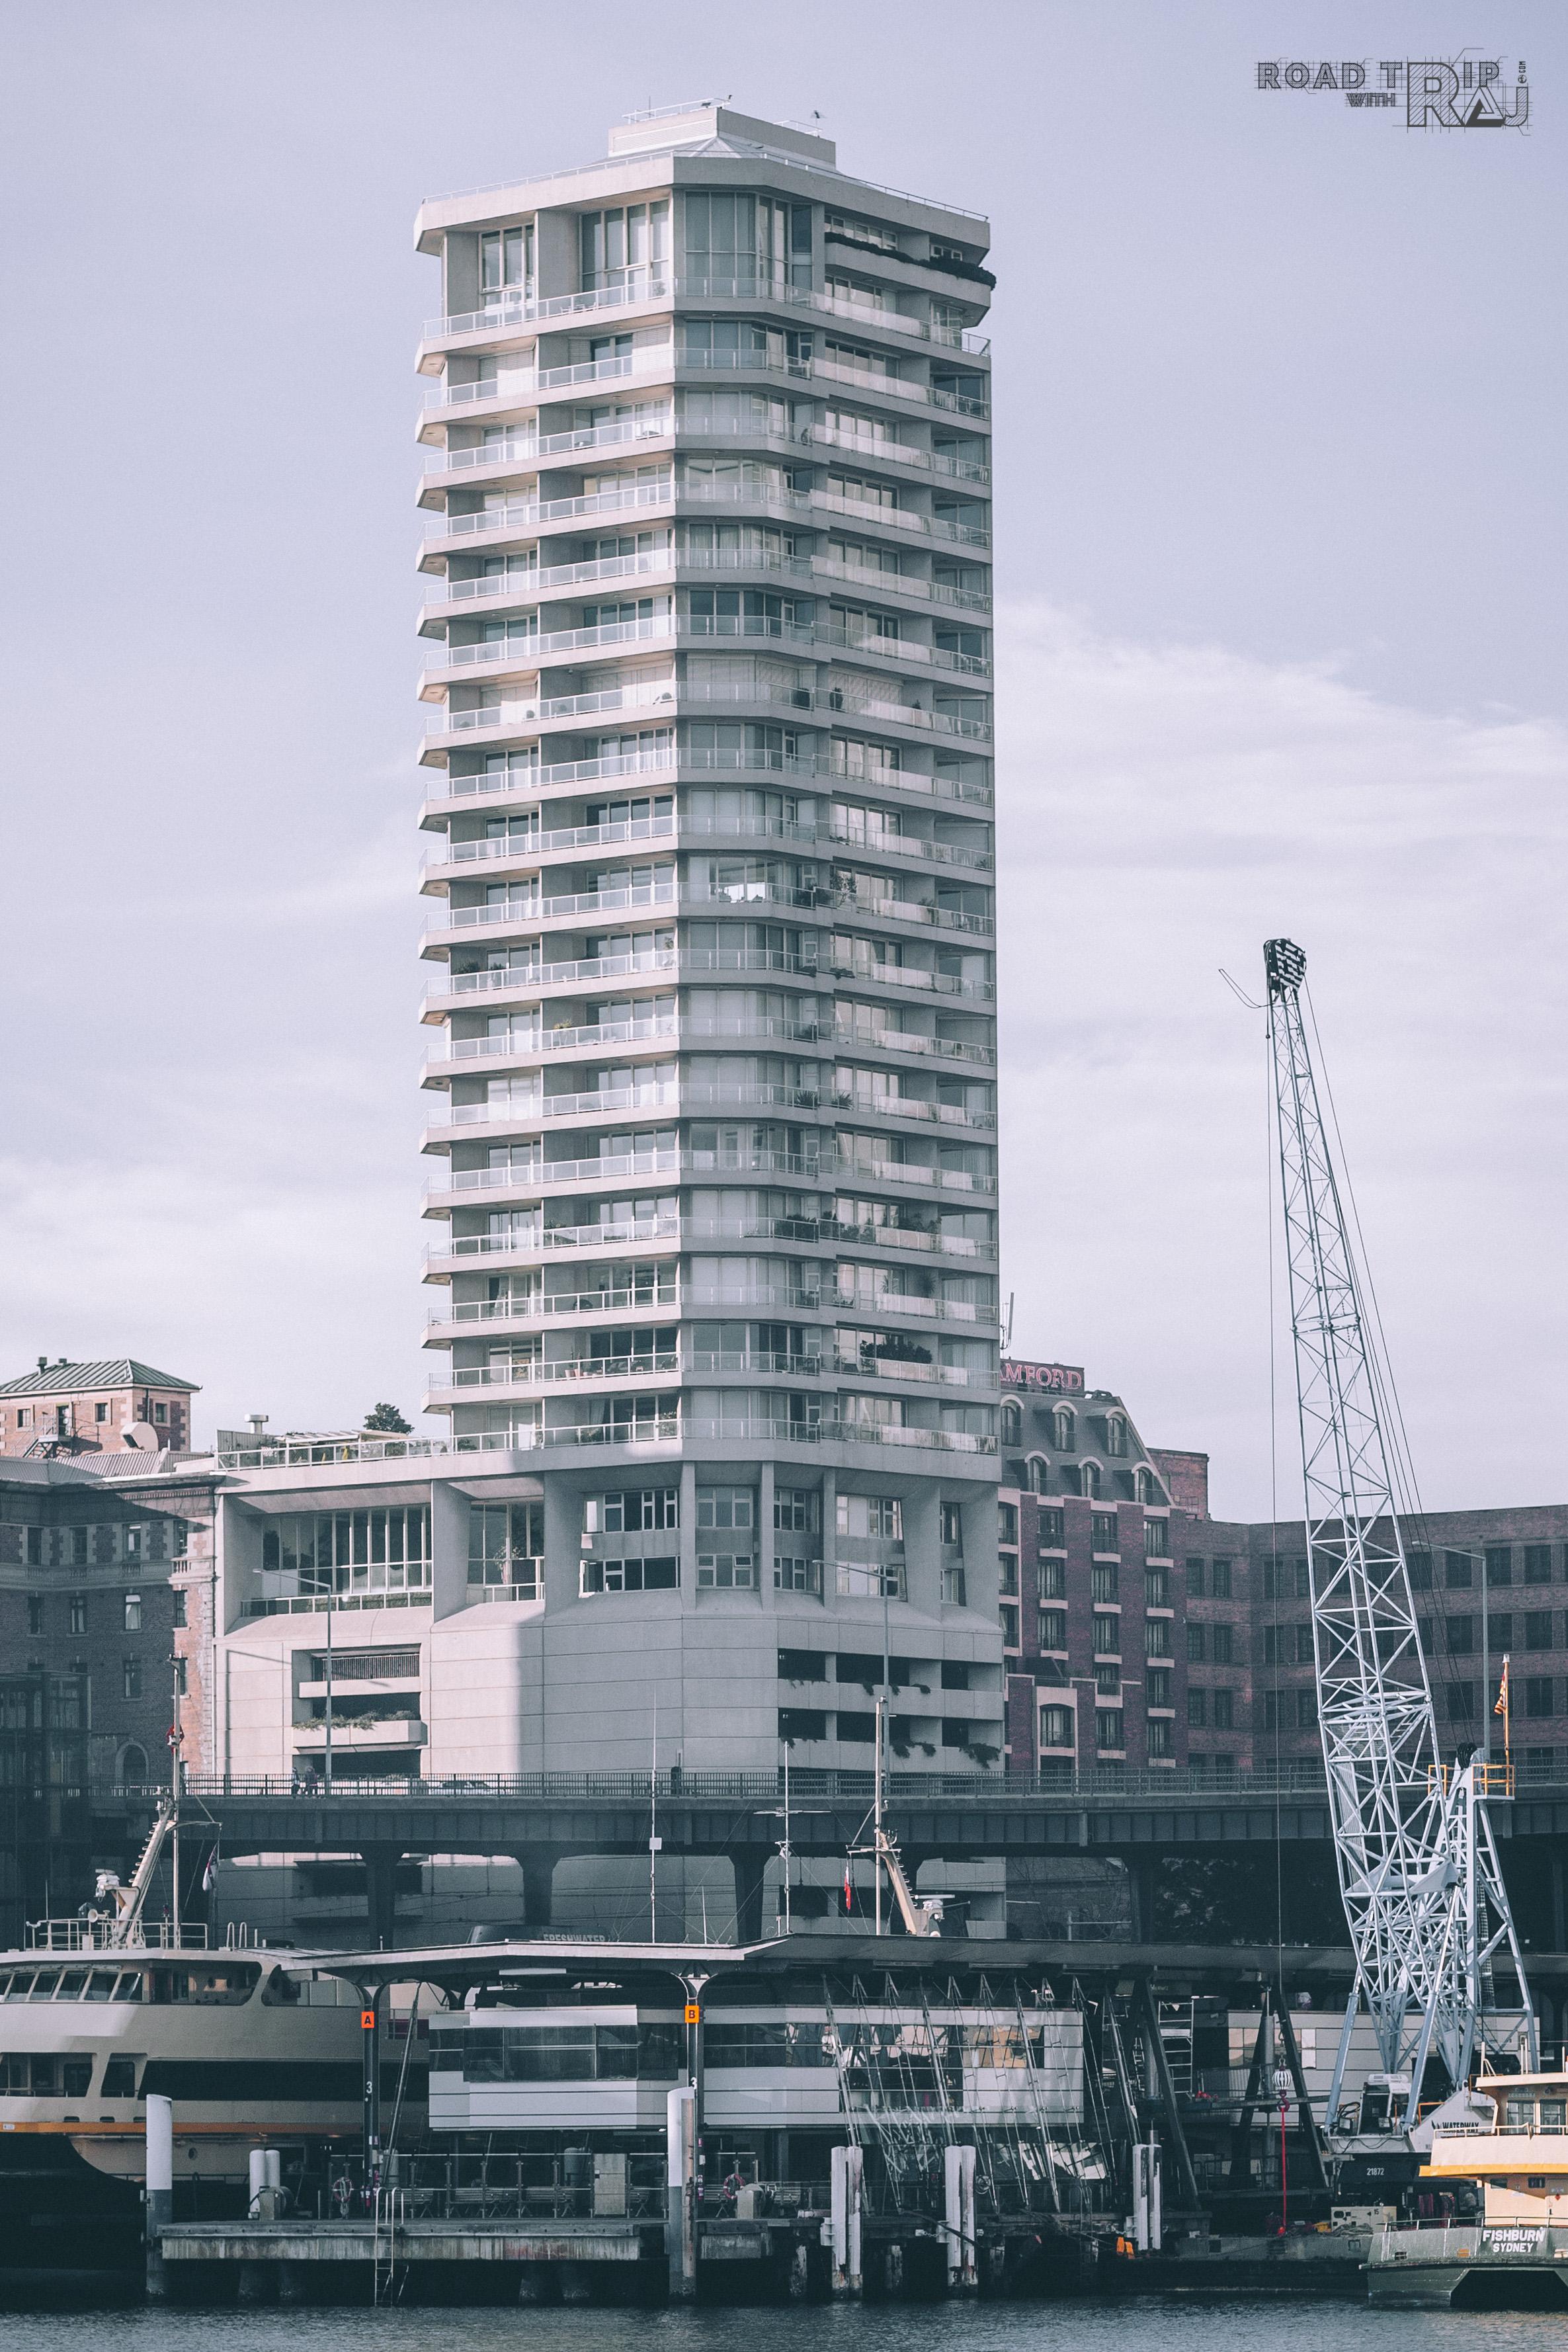 buildings-in-sydney.jpg